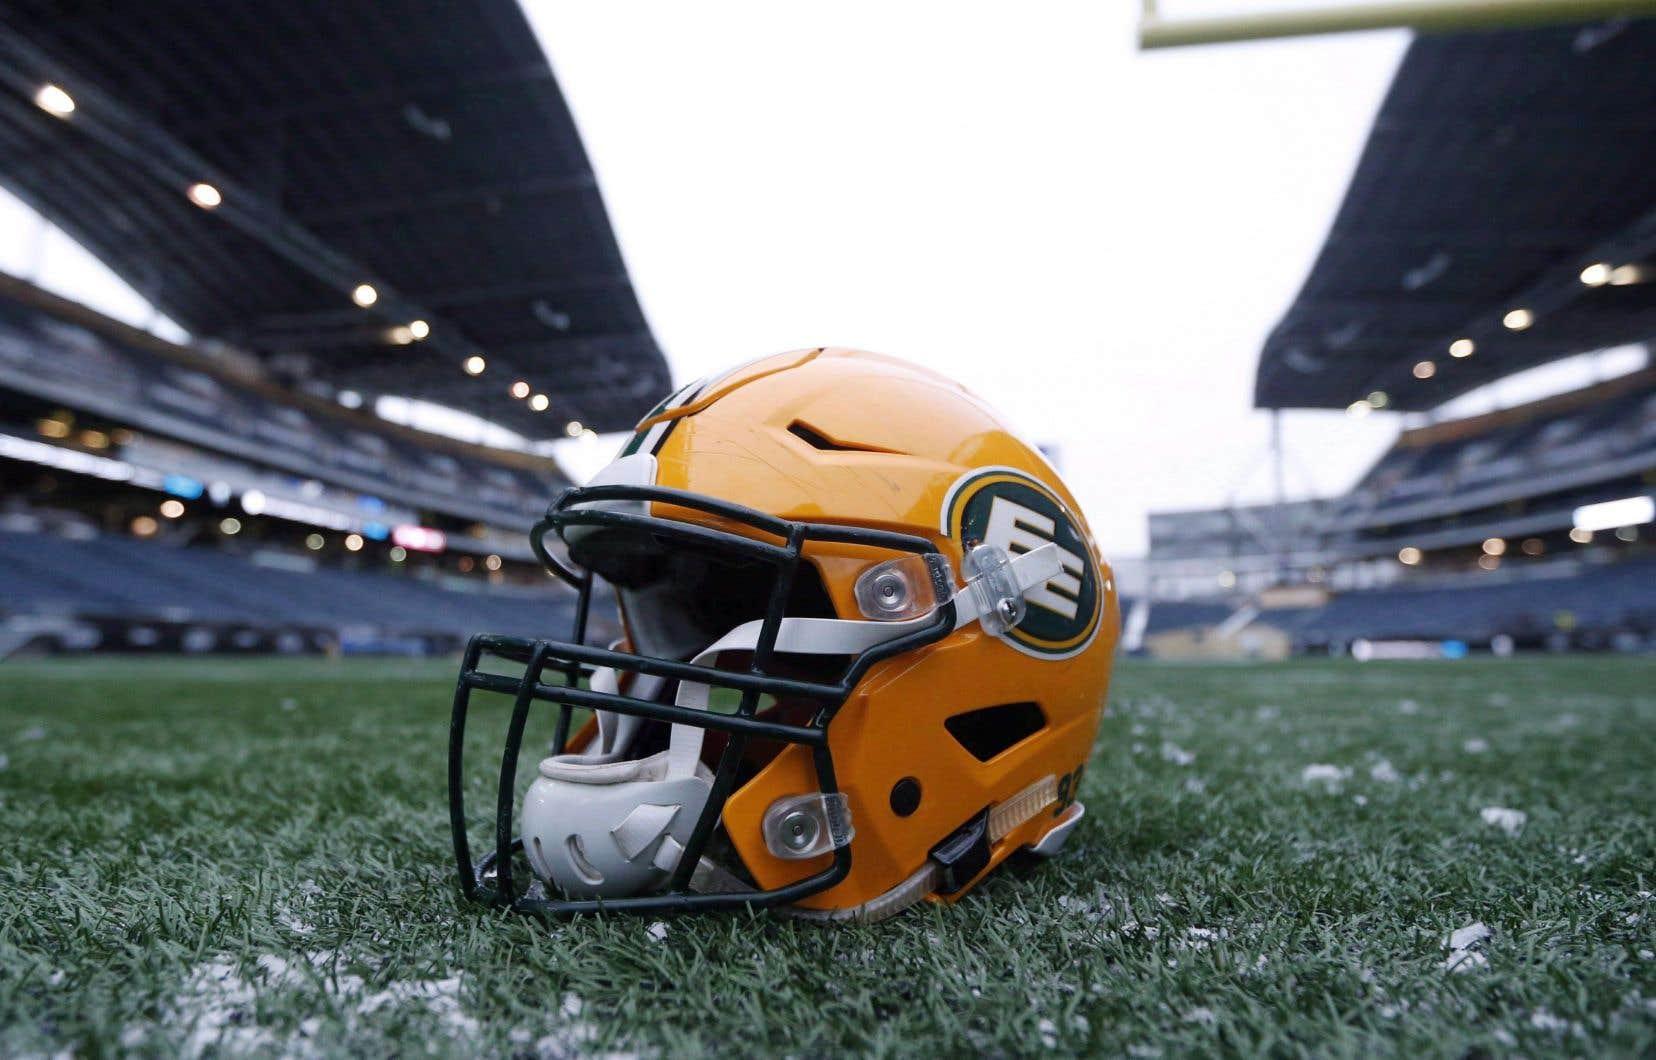 En attendant que l'équipe soit rebaptisée, elle portera le nom de «EE Football Team» et «Edmonton Football Team».